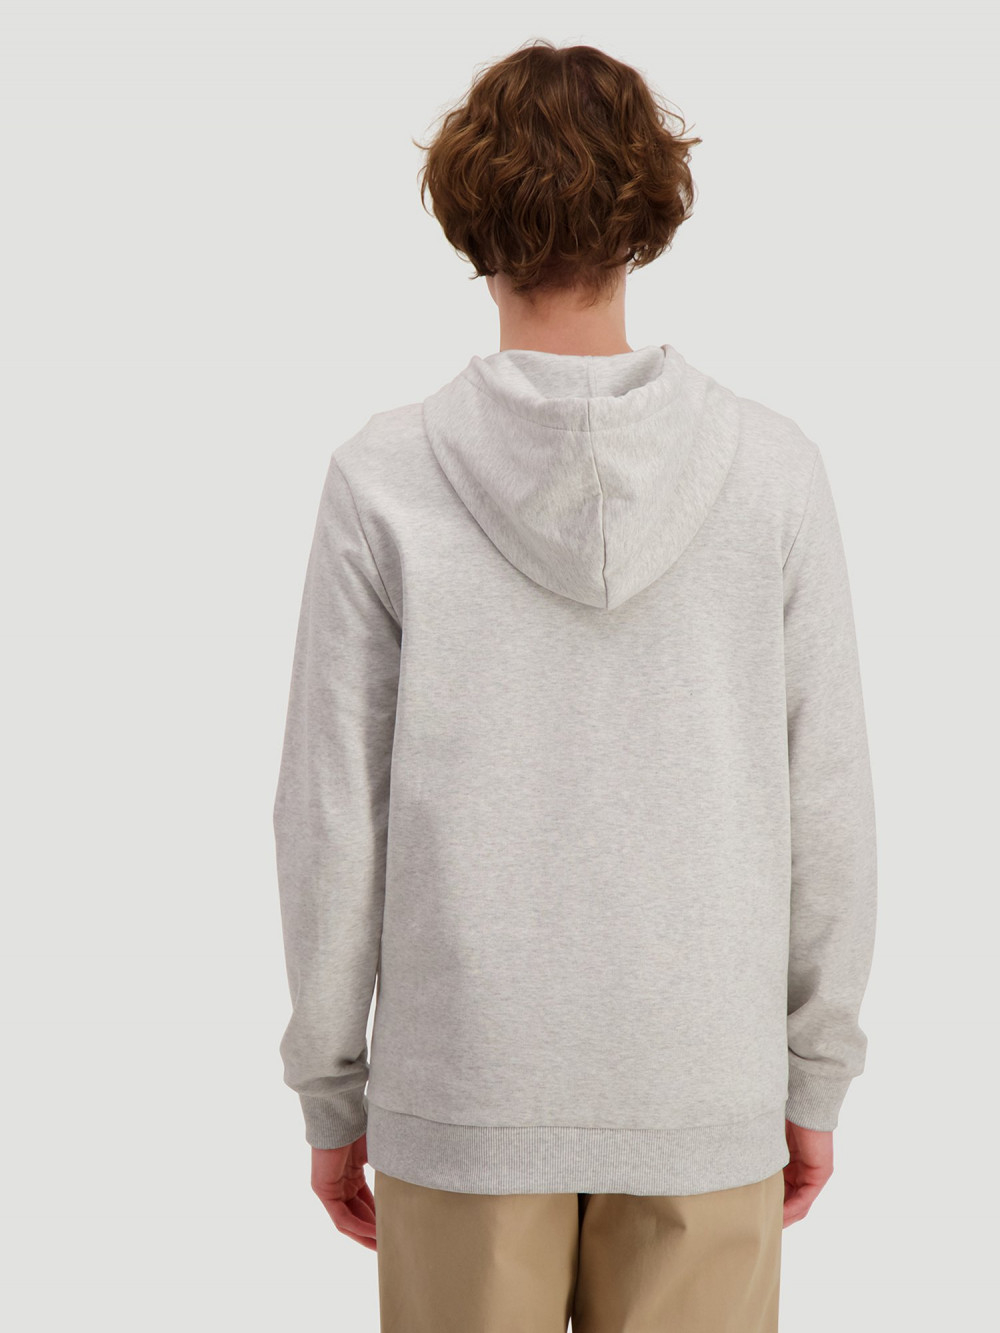 Hanger Hoodie 20-02 Light Grey